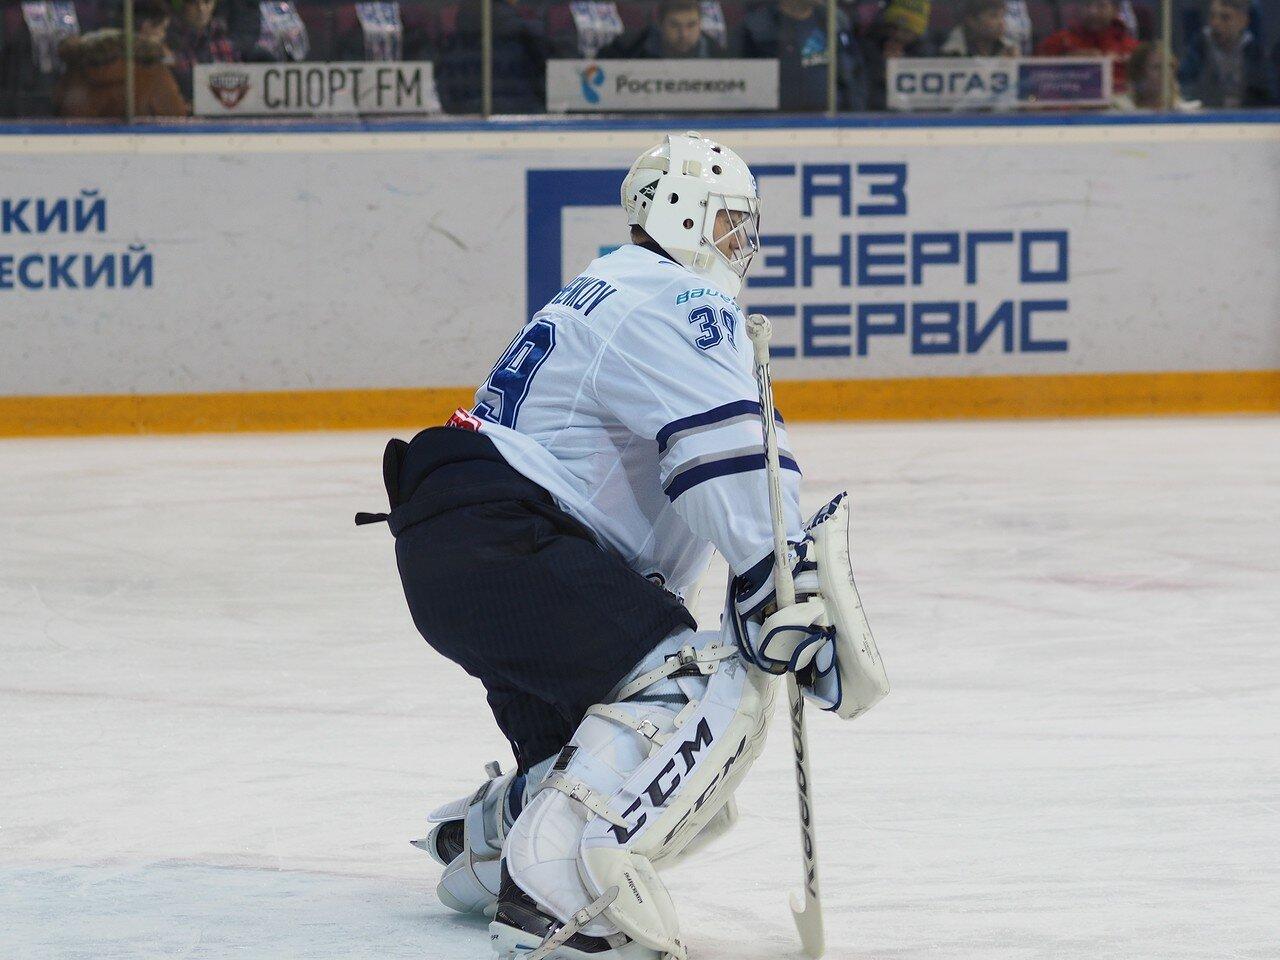 12Металлург - Динамо Москва 28.12.2015